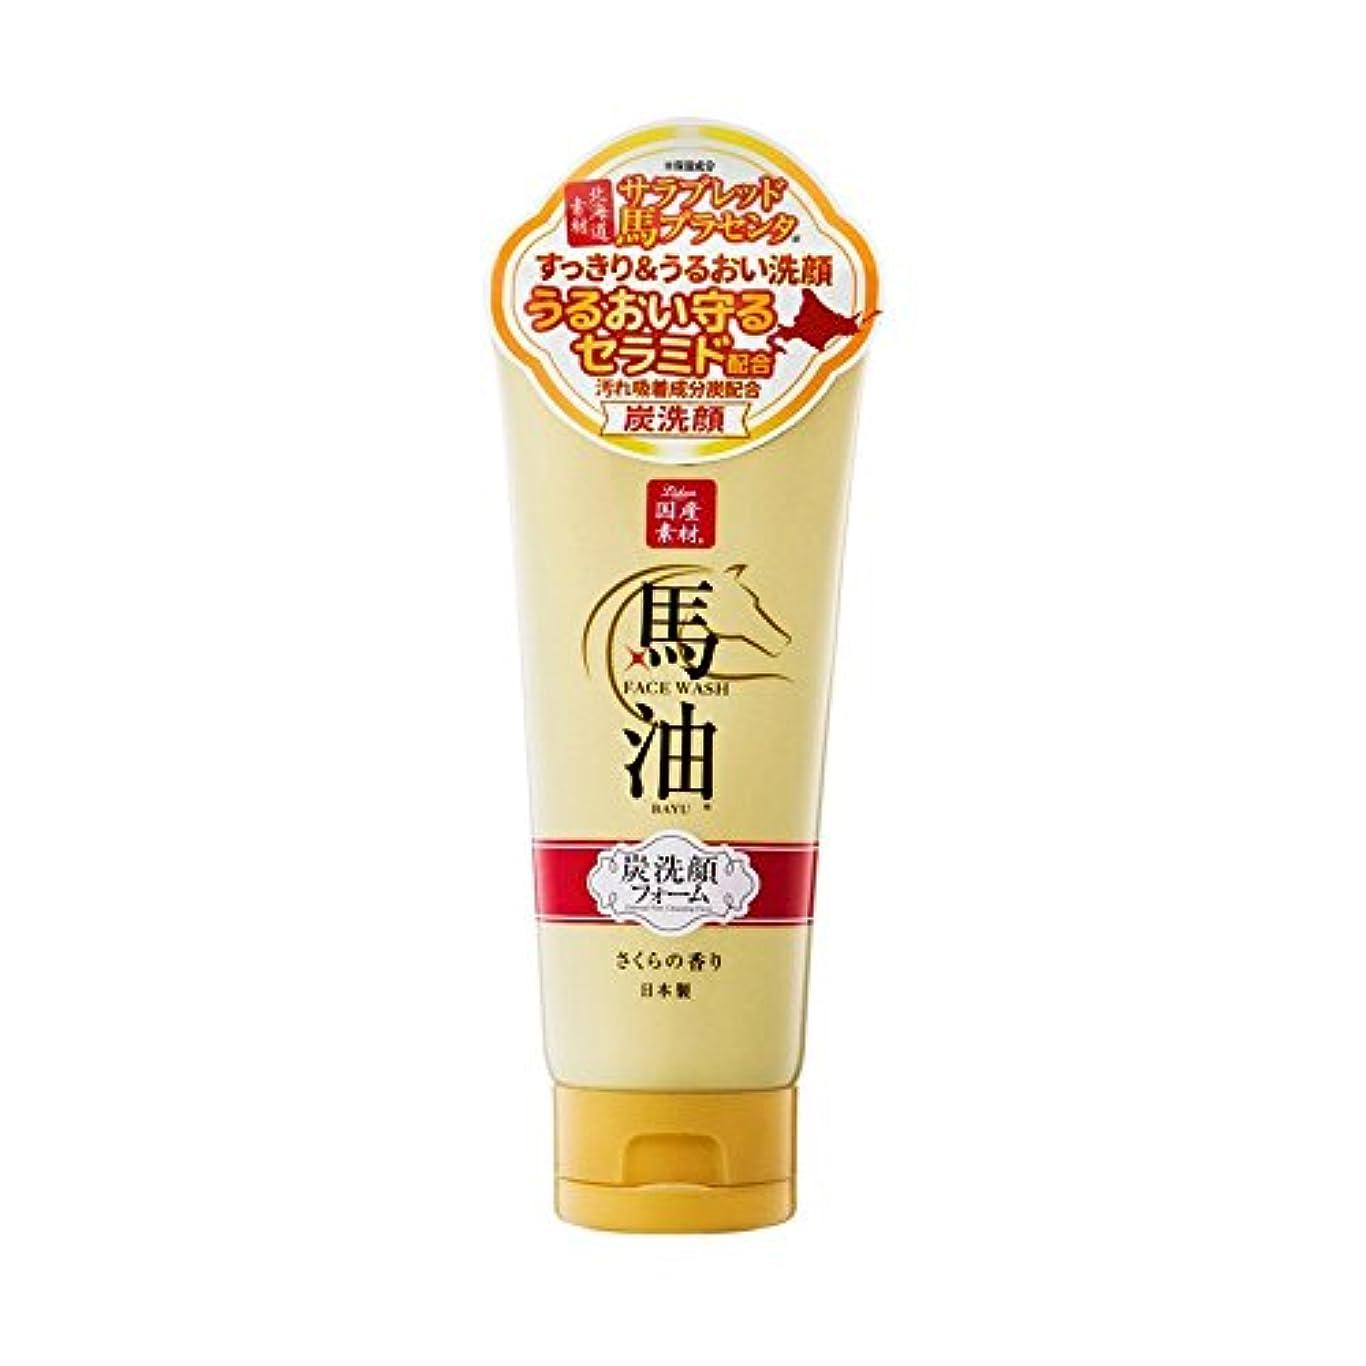 リシャン 馬油&炭洗顔フォーム(さくらの香り)(内容量130g)